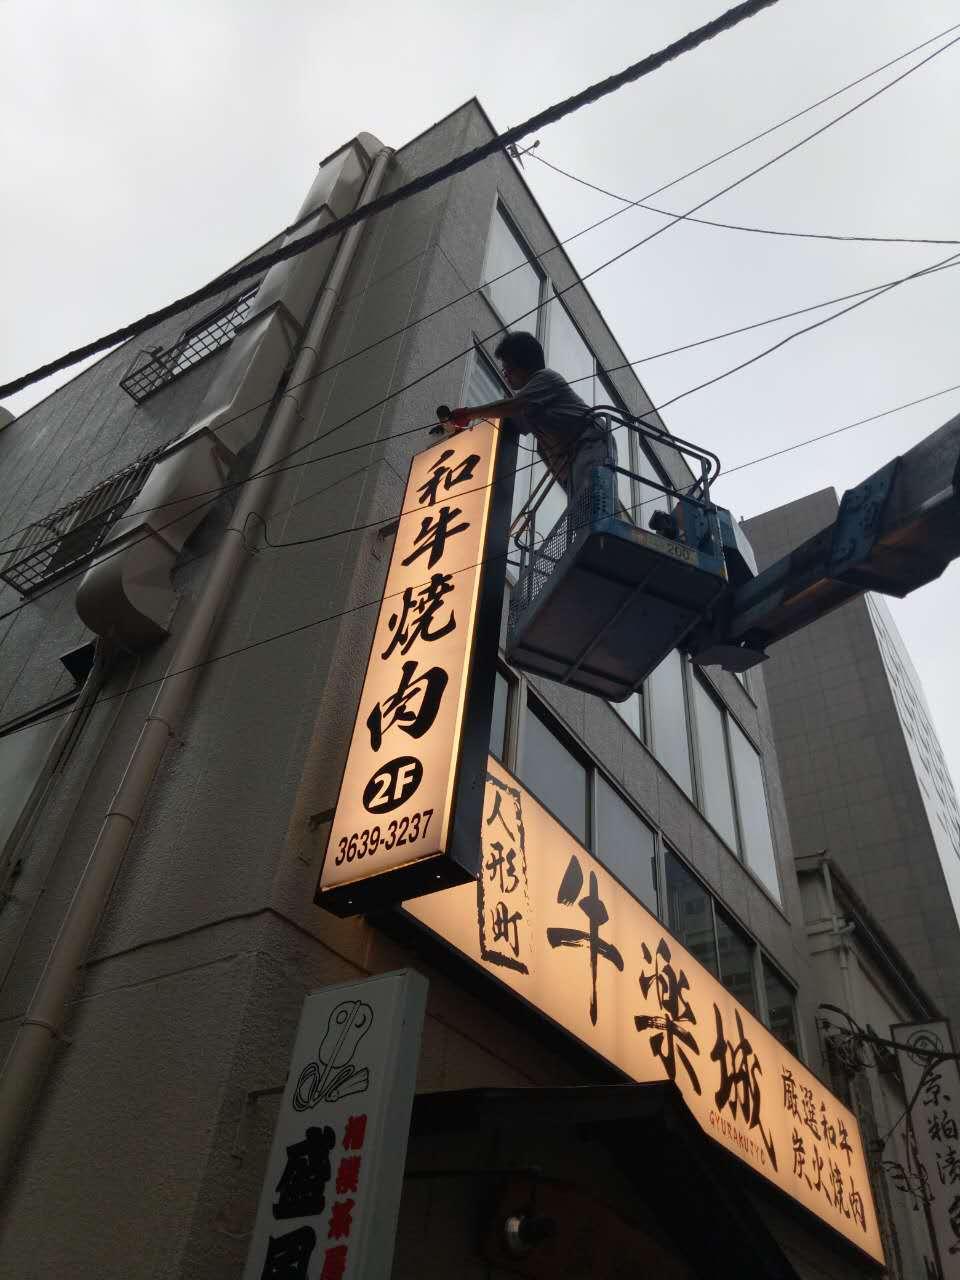 焼肉屋の看板